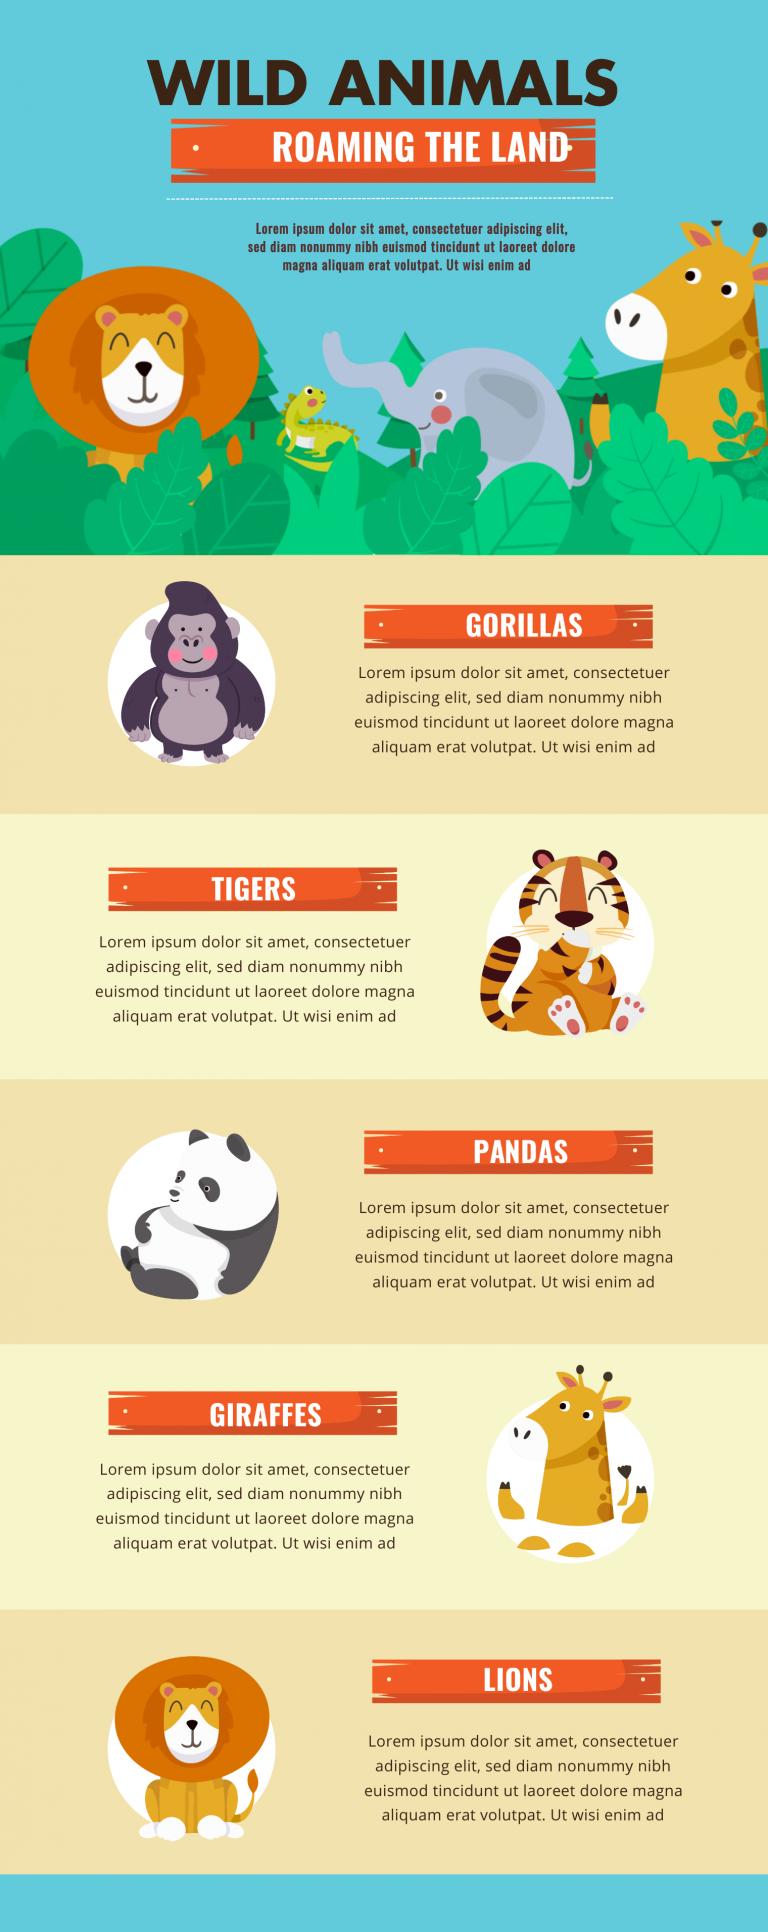 Wild animal infographic